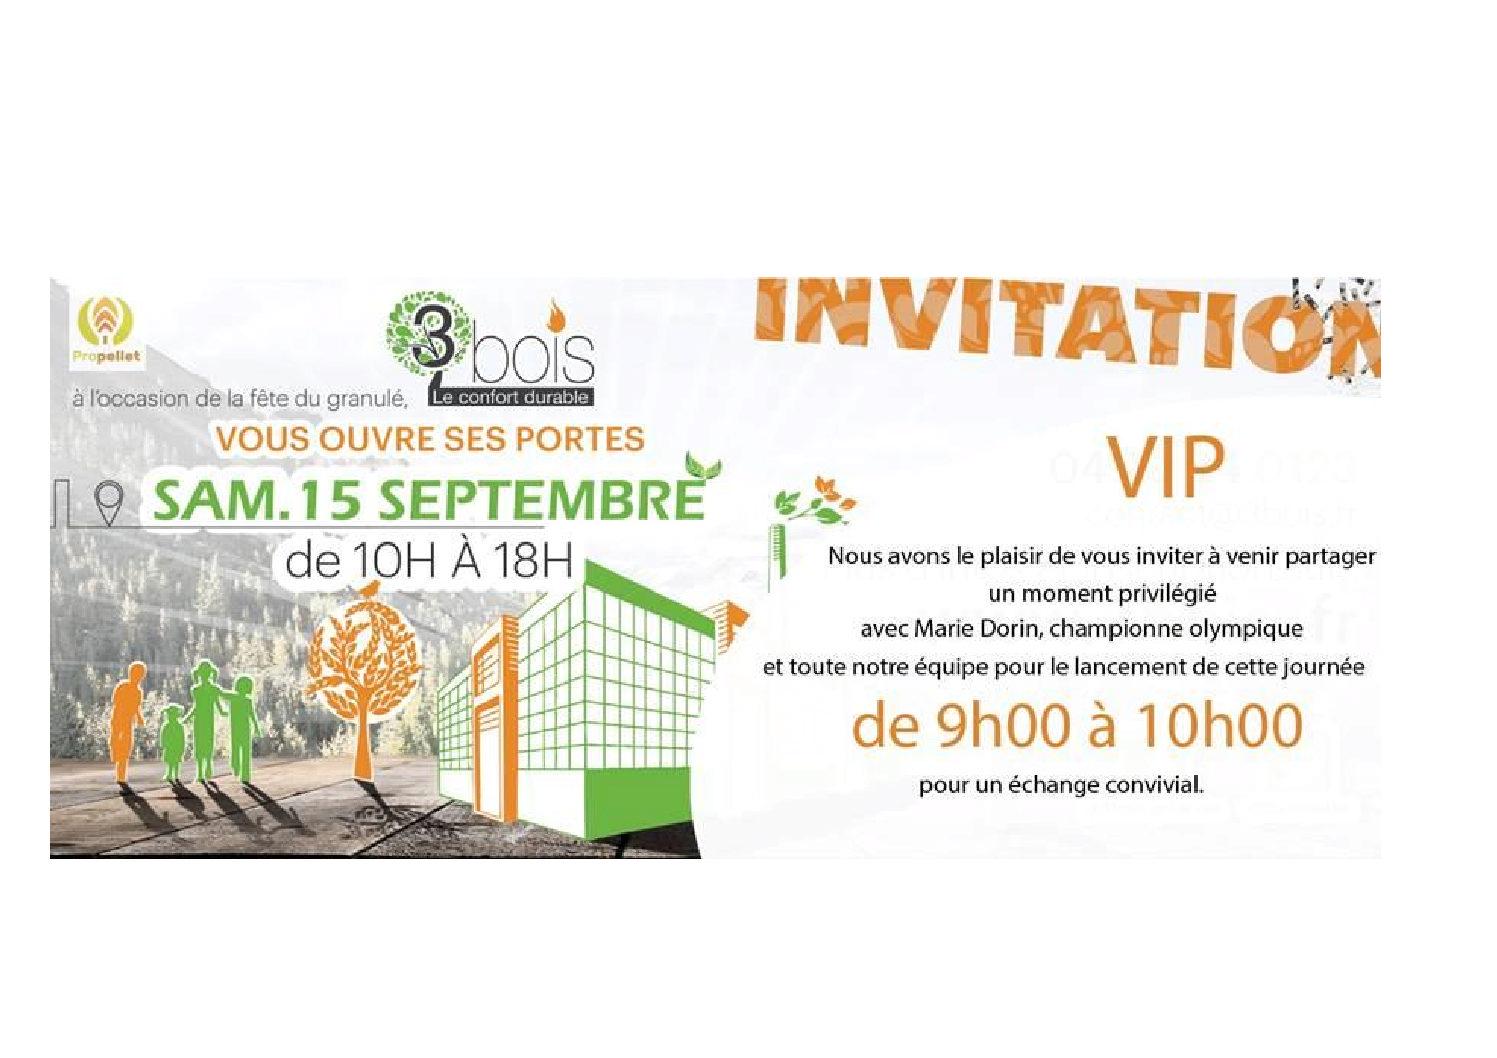 Invitation Fête du granulé 3BOIS